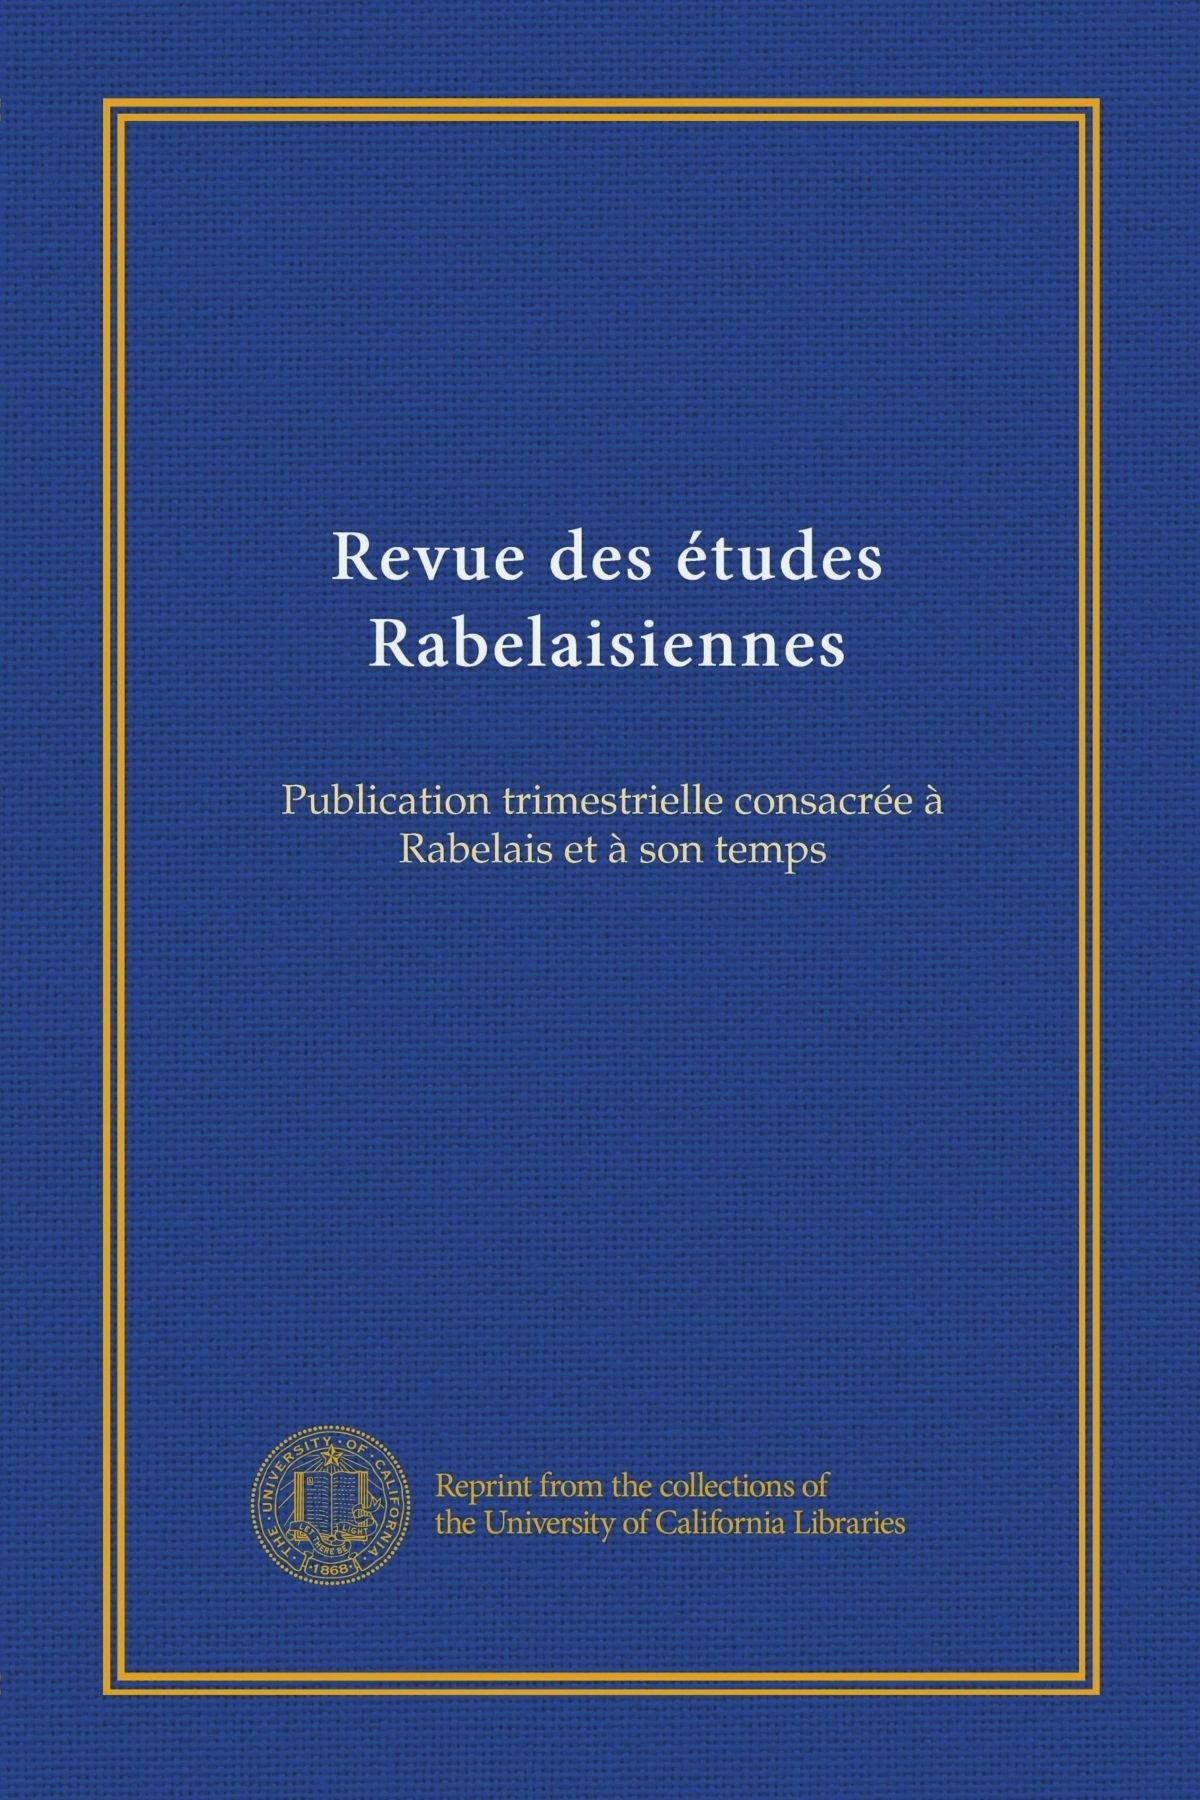 Download Revue des études Rabelaisiennes (v.8): Publication trimestrielle consacrée à Rabelais et à son temps (French Edition) PDF